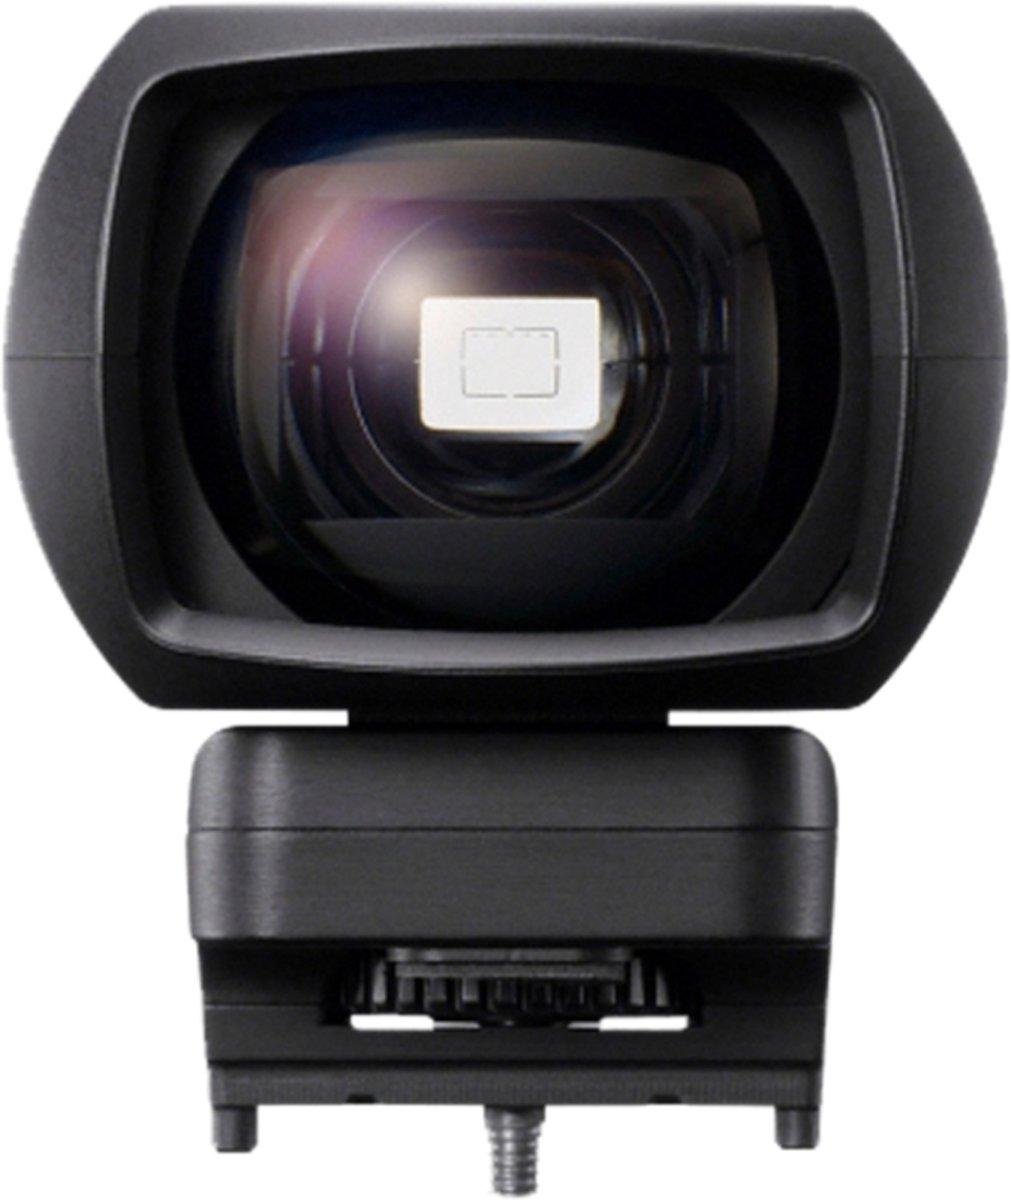 Sony FDA-SV1 Optische zoeker voor NEX3 en NEX5 (16mm) kopen